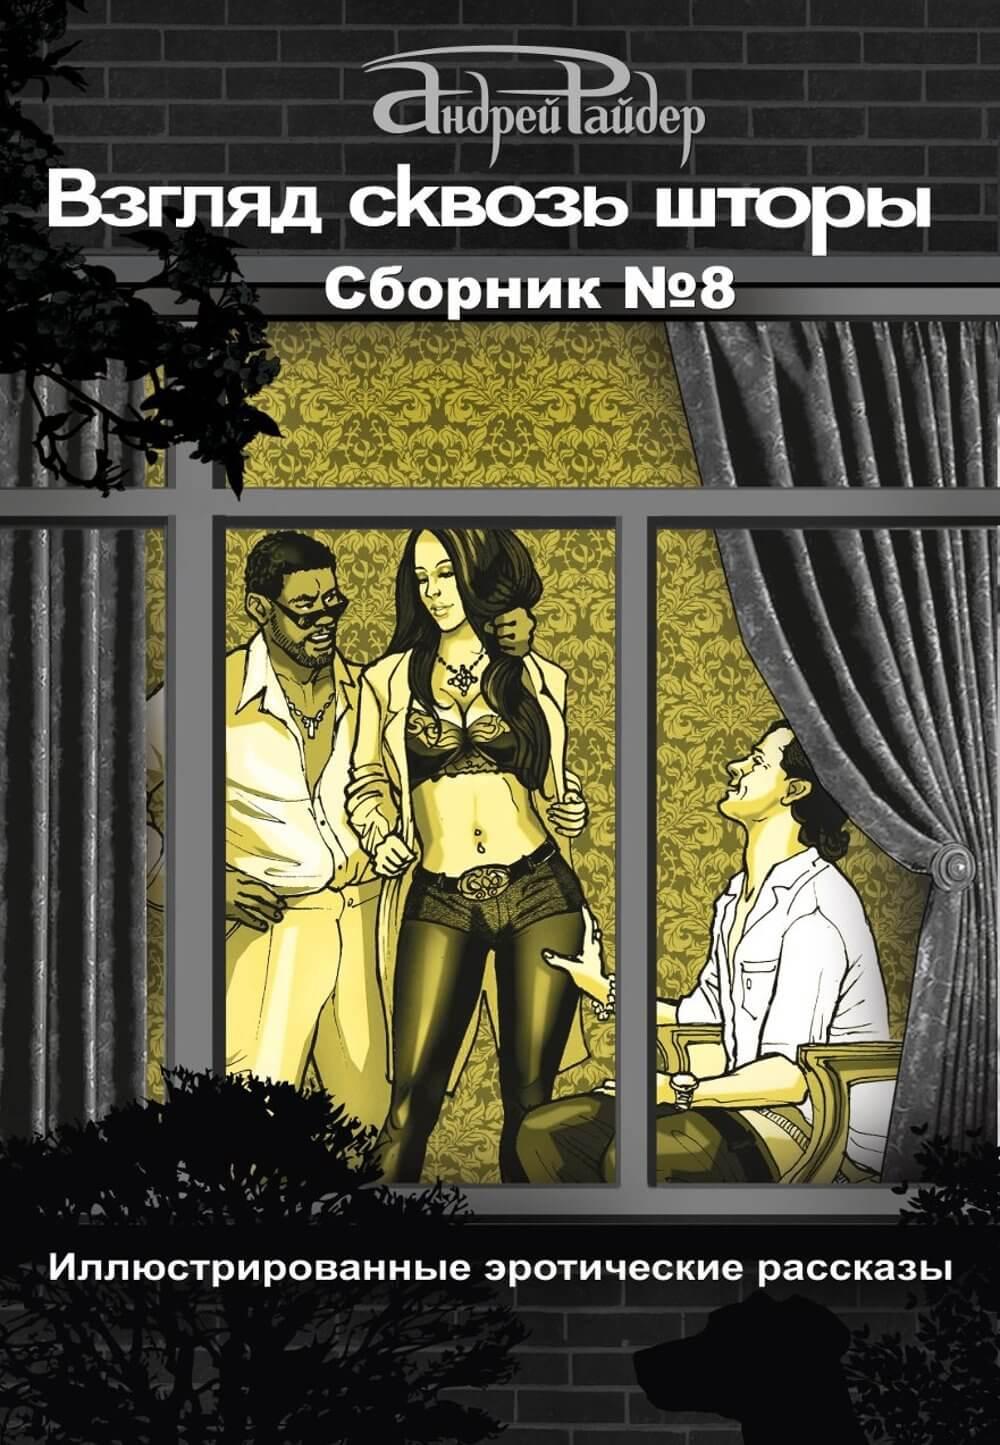 rabotaet-poyas-sborniki-porno-istoriy-video-prikoli-dlya